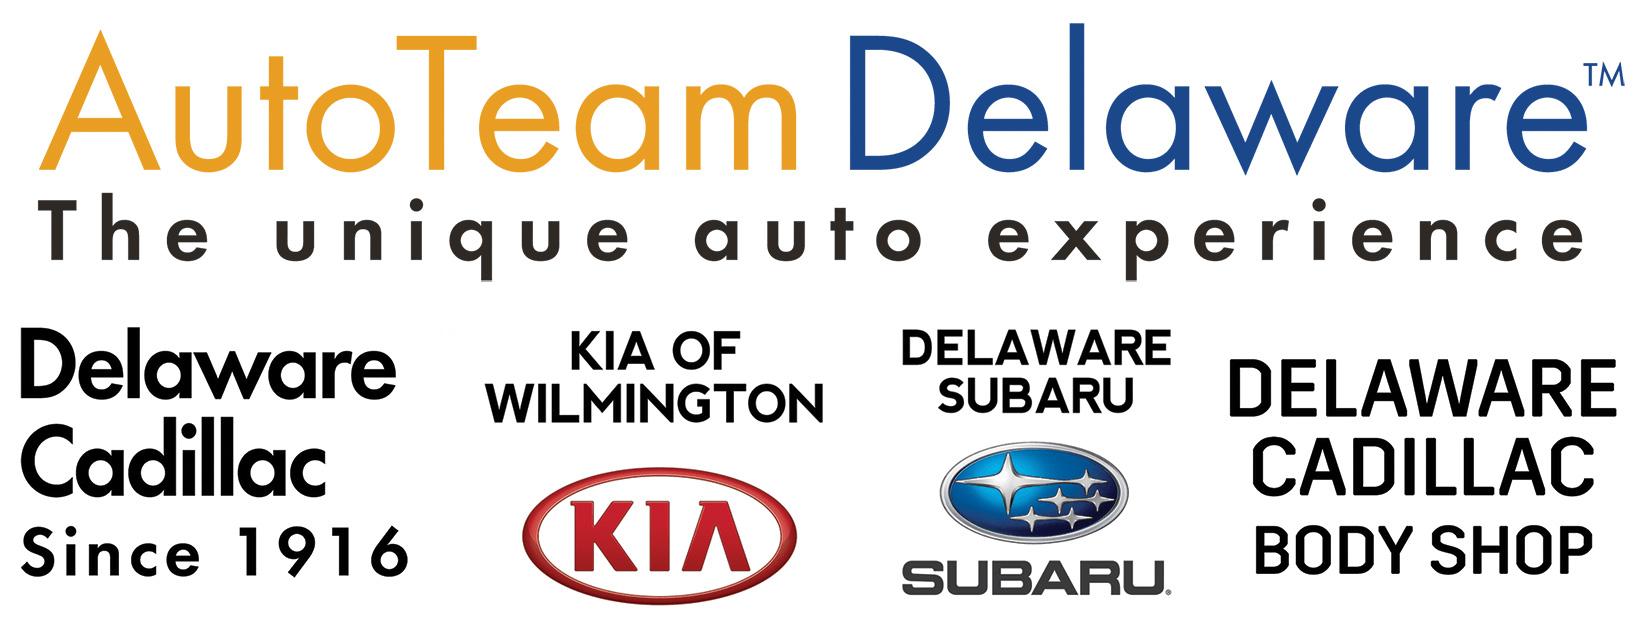 AutoTeam Delaware